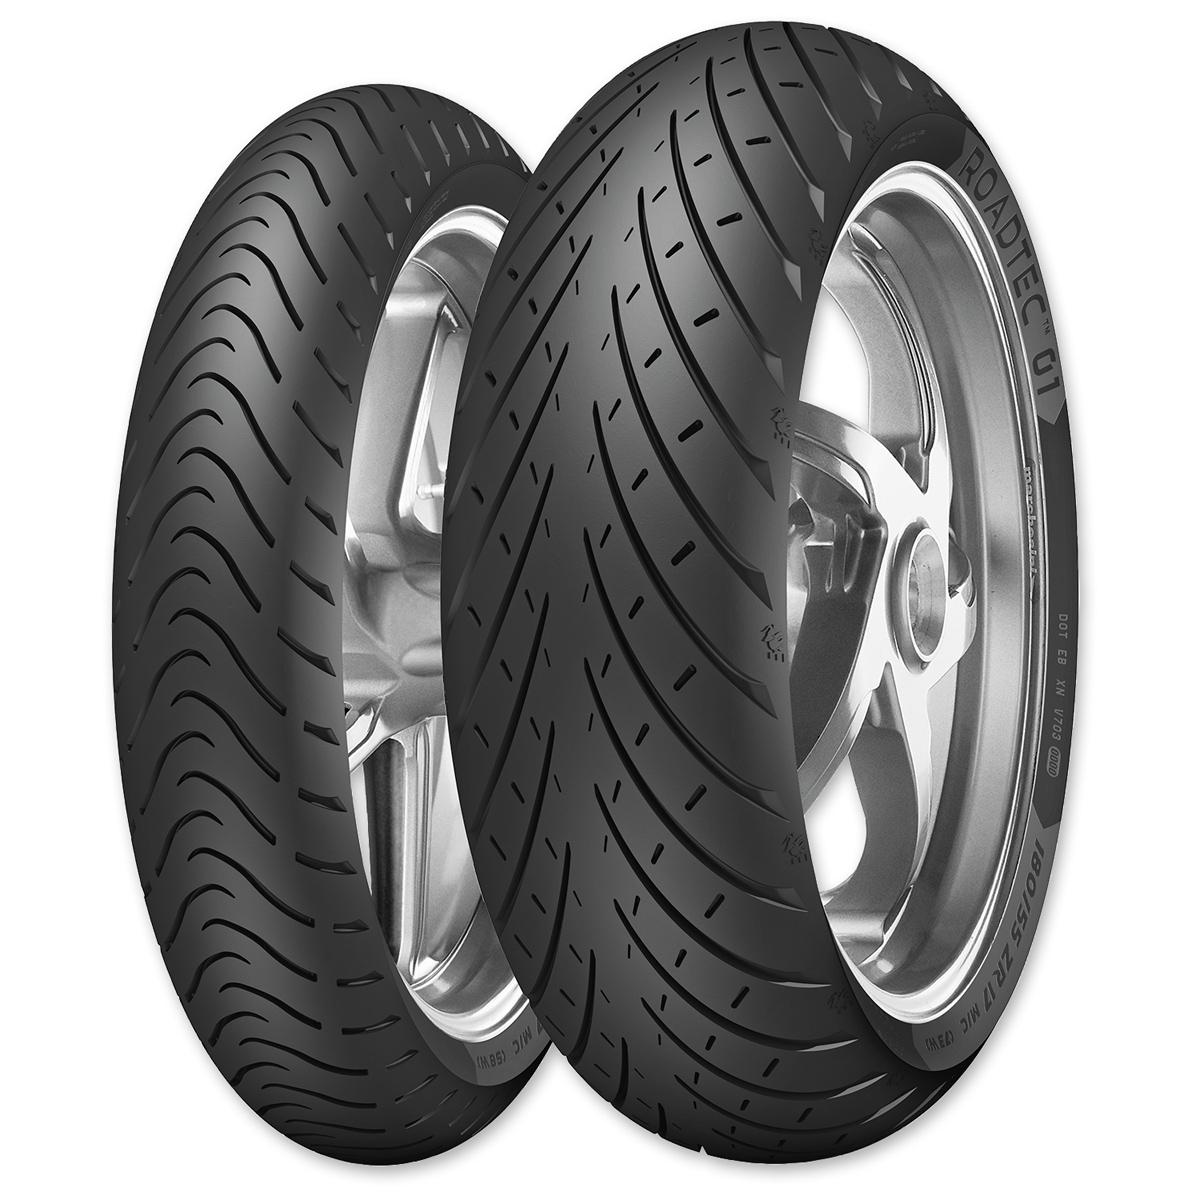 Metzeler Roadtec 01 150/70R17 Rear Tire